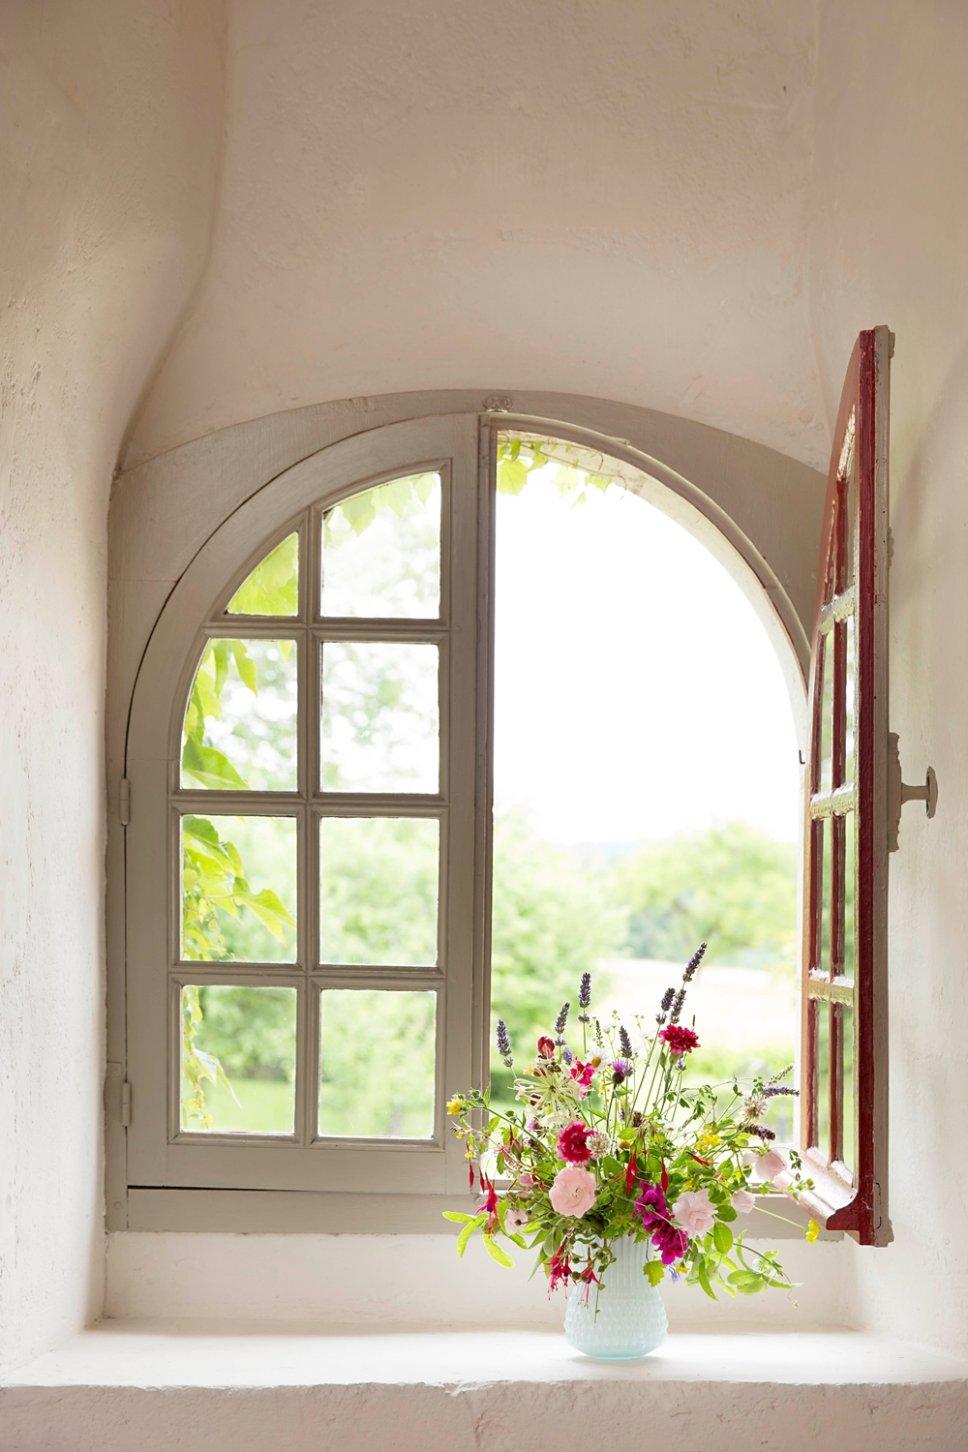 Offen stehendes halbrundes Fenster mit Wiesenblumenstrauß auf der Fensterbank